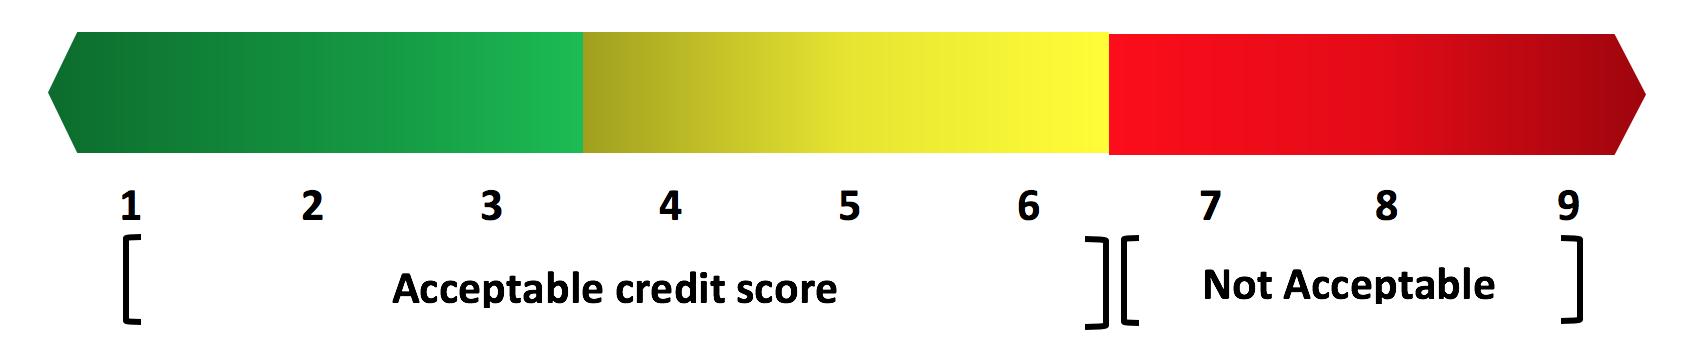 Dun & Bradstreet credit score range